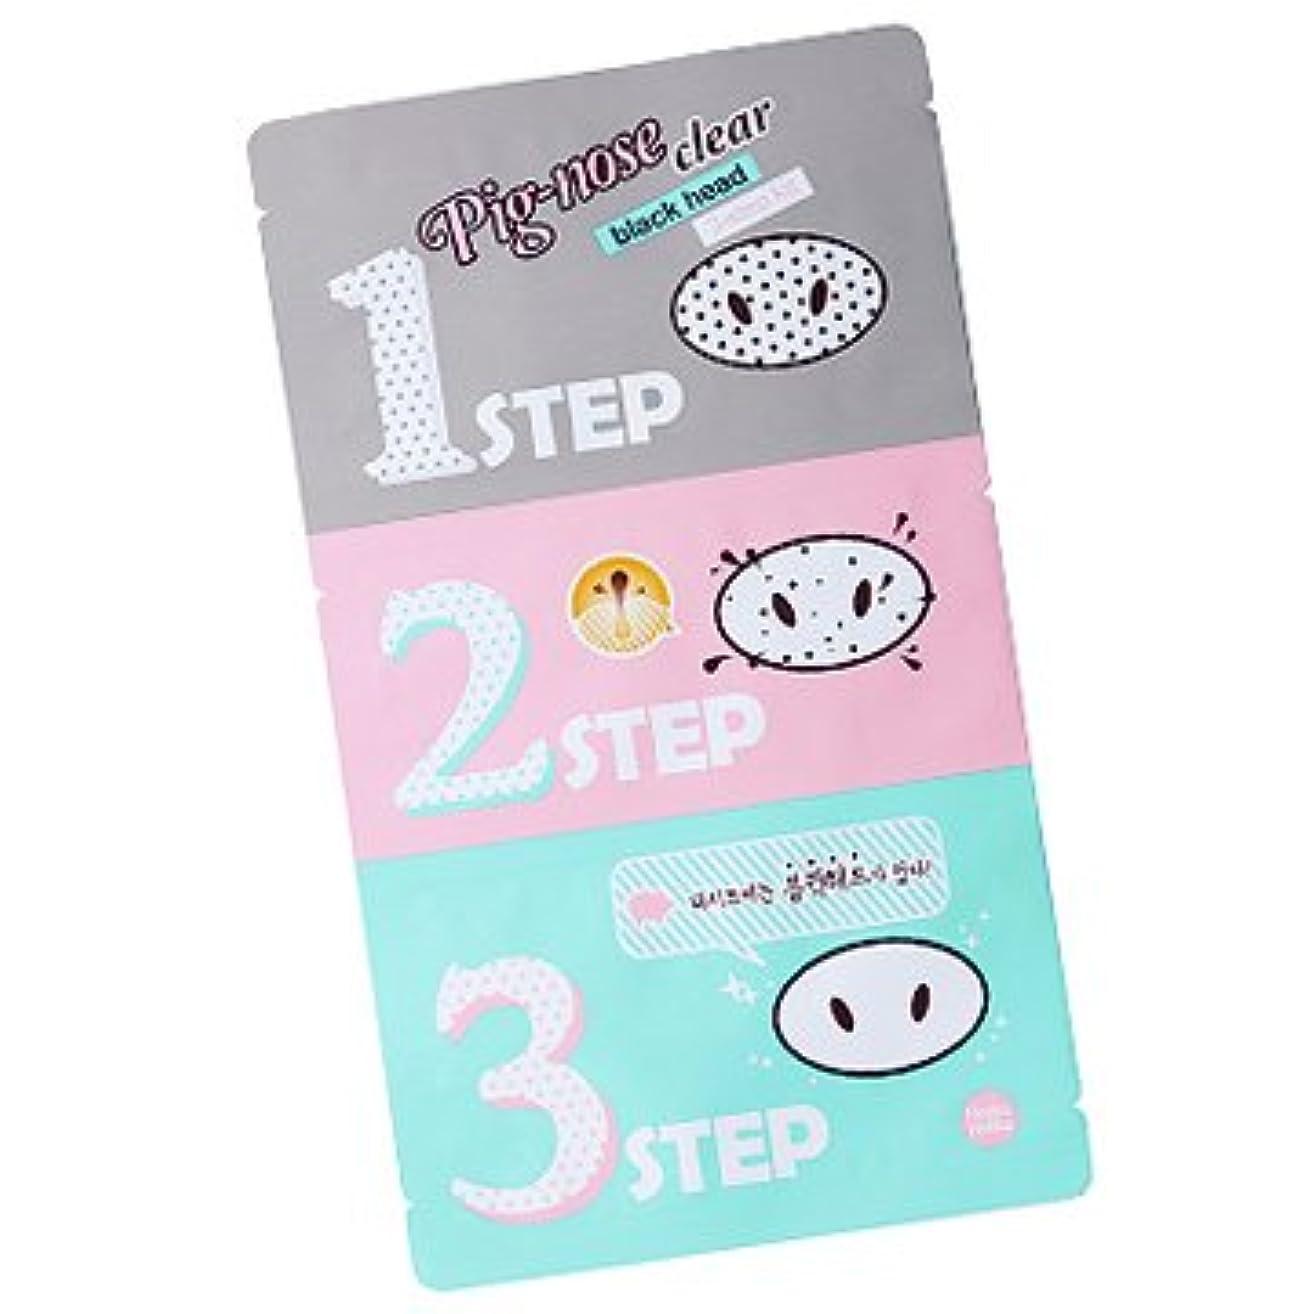 誤解させる王位カニHolika Holika Pig Nose Clear Black Head 3-Step Kit 5EA (Nose Pack) ホリカホリカ ピグノーズクリアブラックヘッド3-Stepキット(鼻パック) 5pcs...